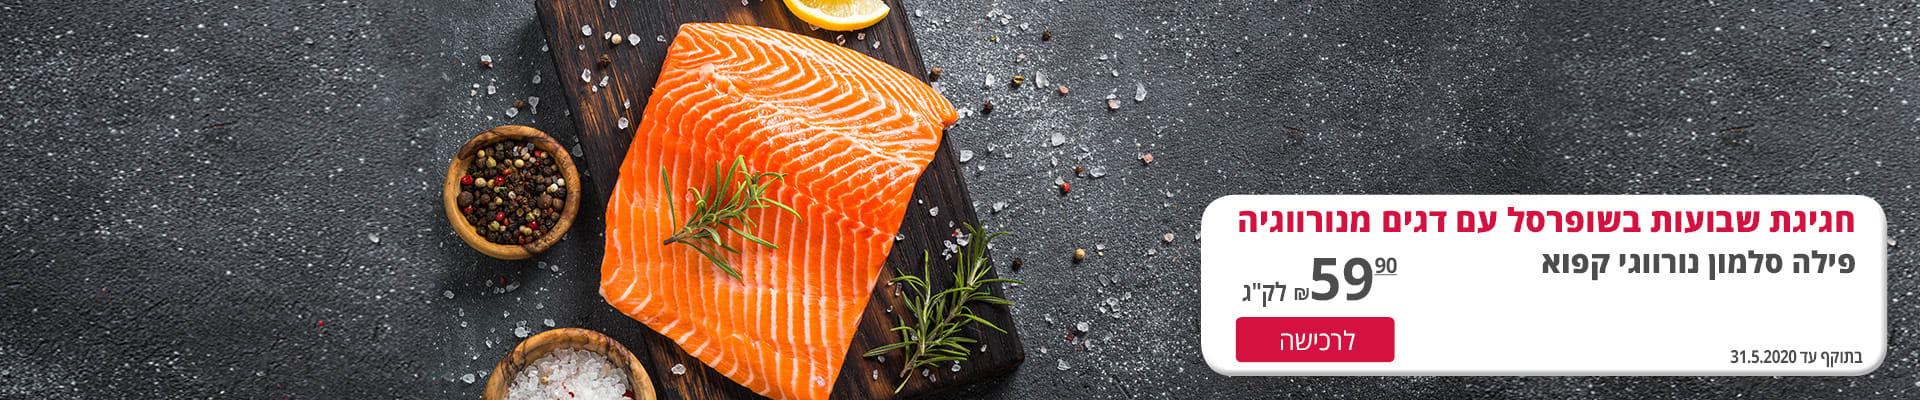 """חגיגת שבועות בשופרסל עם דגים מנורווגיה: פילה סלמון נורווגי קפוא ב-59.90 ₪ לק""""ג. בתוקף עד 31.5.2020."""